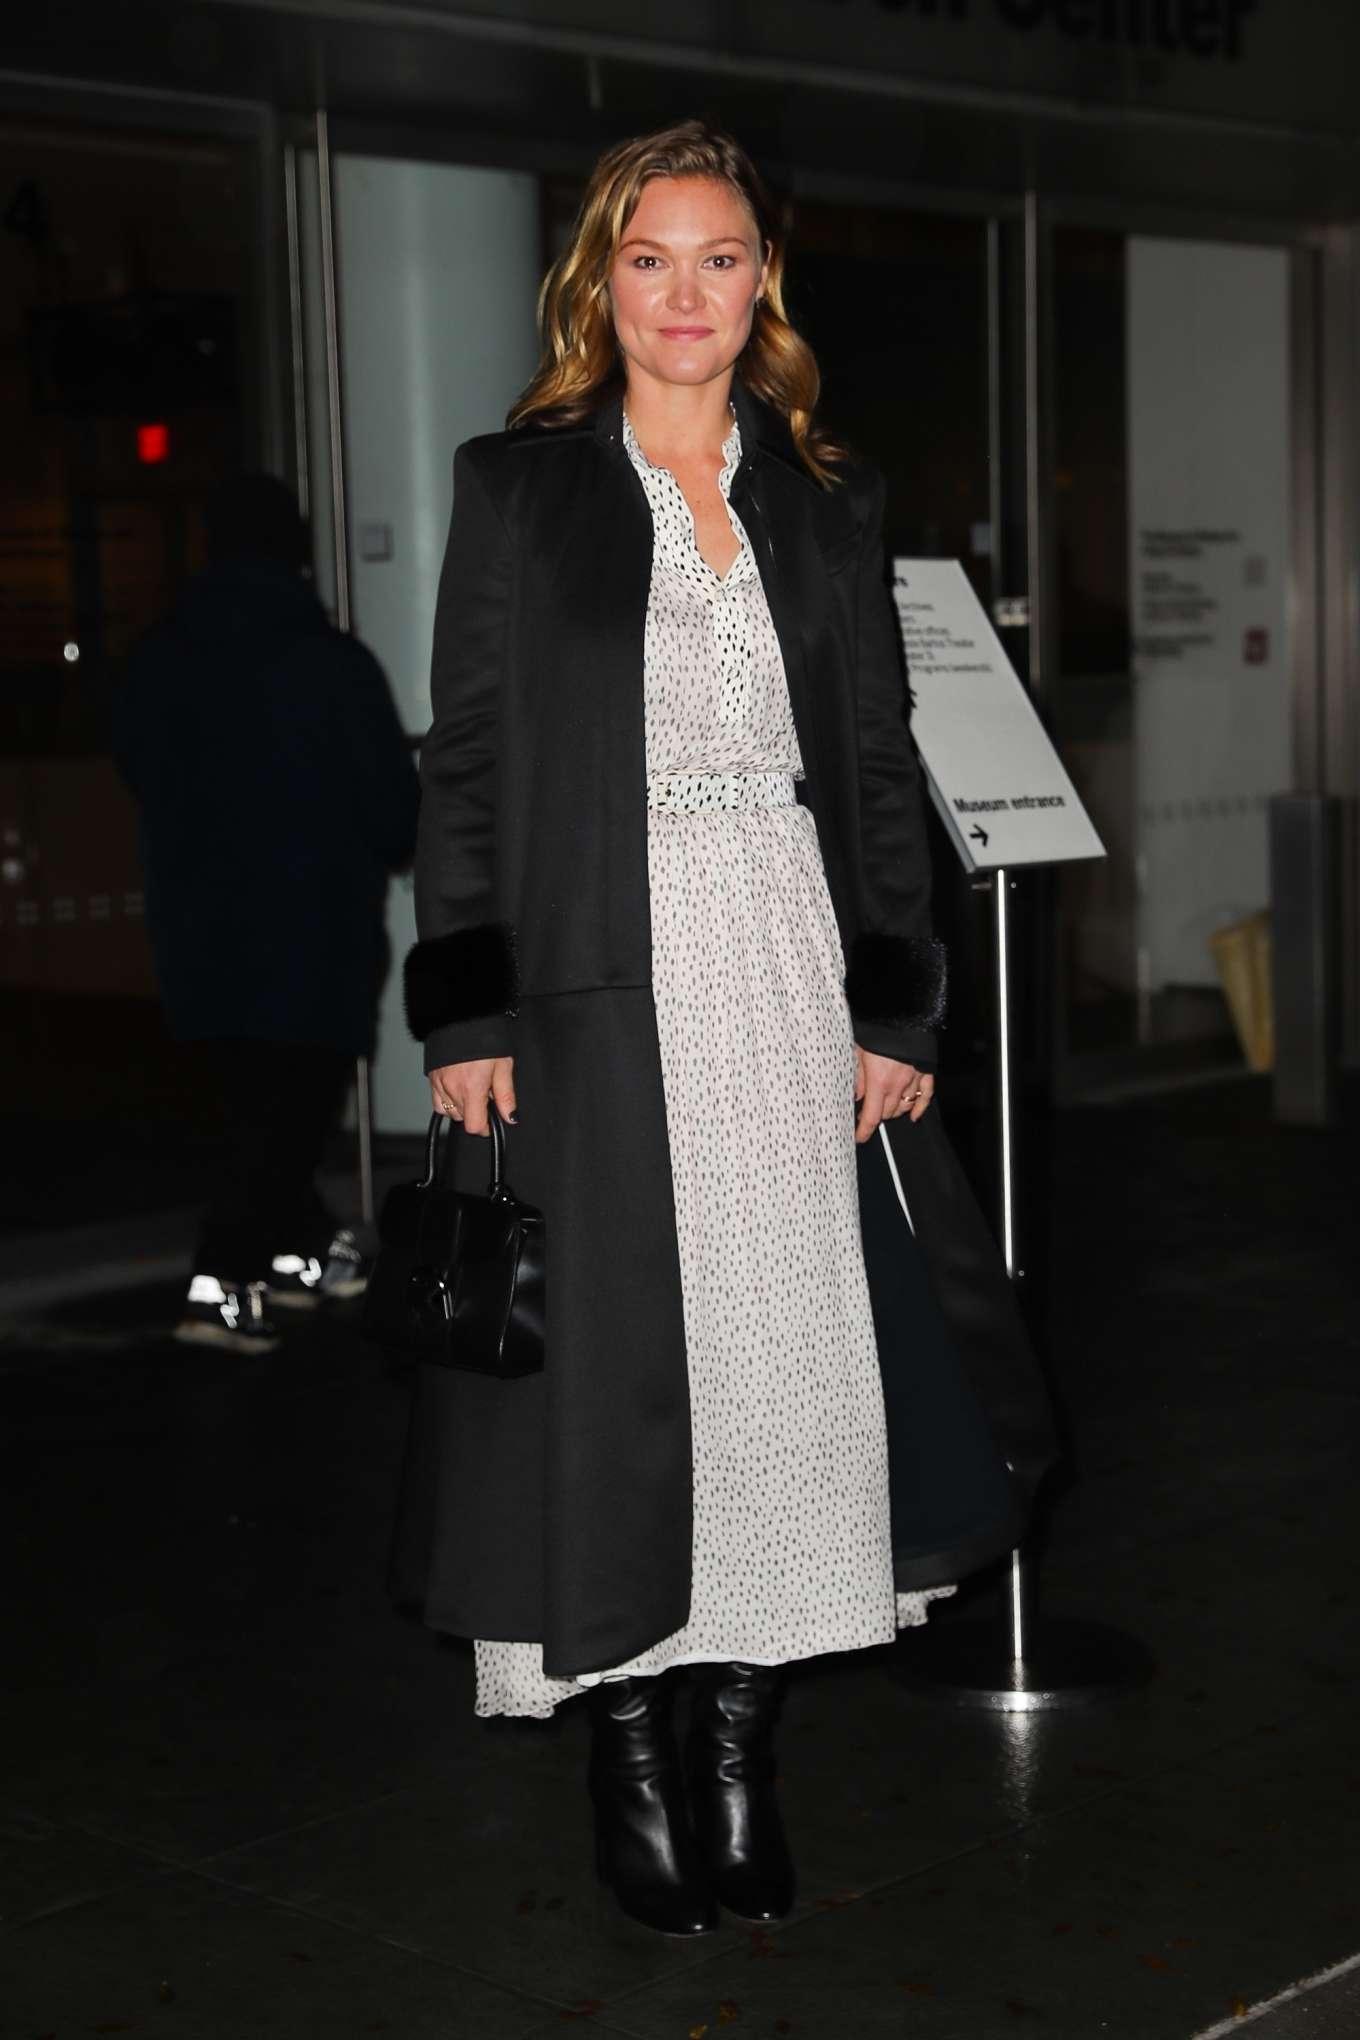 Julia Stiles 2019 : Julia Stiles – Leaving the Hustlers in New York-05